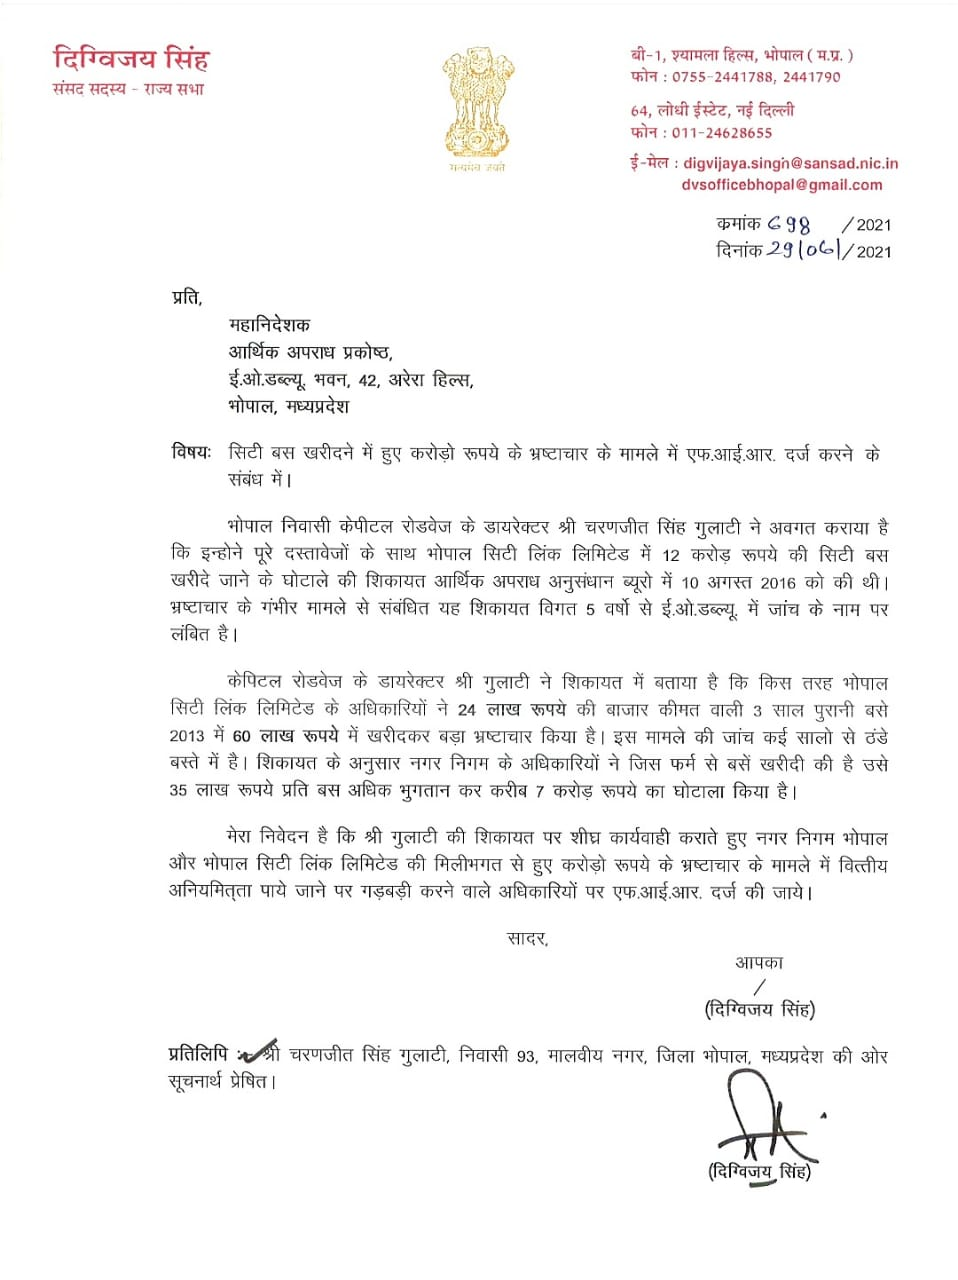 पूर्व मुख्यमंत्री दिग्विजय सिंह ने ईओडल्ब्यू को लिखा पत्र।